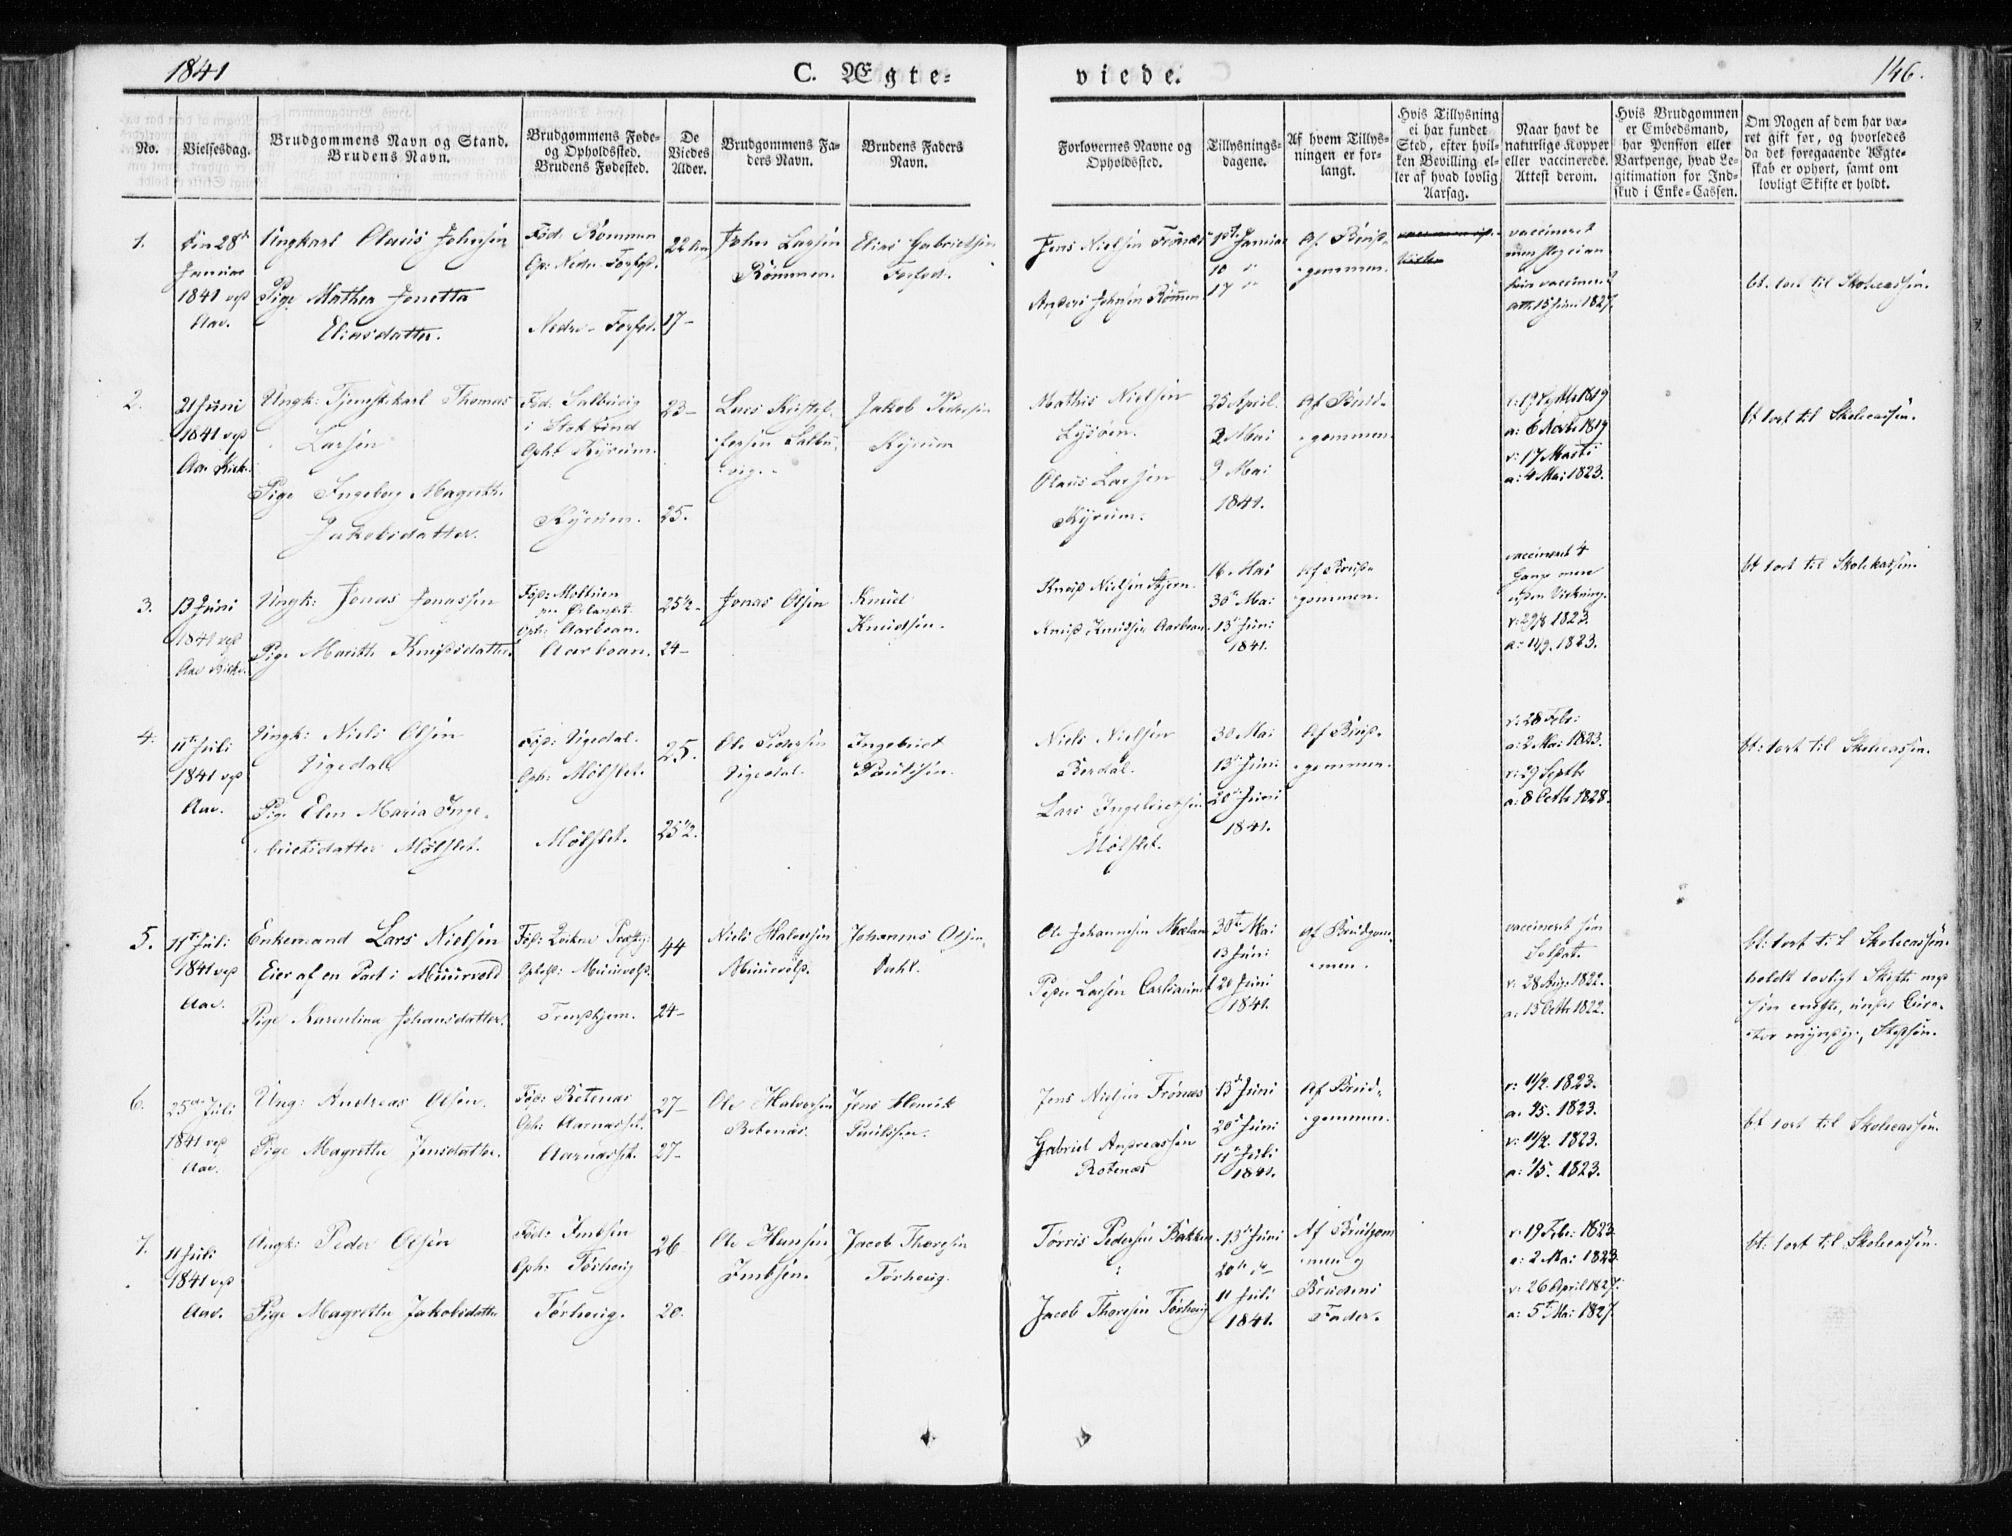 SAT, Ministerialprotokoller, klokkerbøker og fødselsregistre - Sør-Trøndelag, 655/L0676: Ministerialbok nr. 655A05, 1830-1847, s. 146